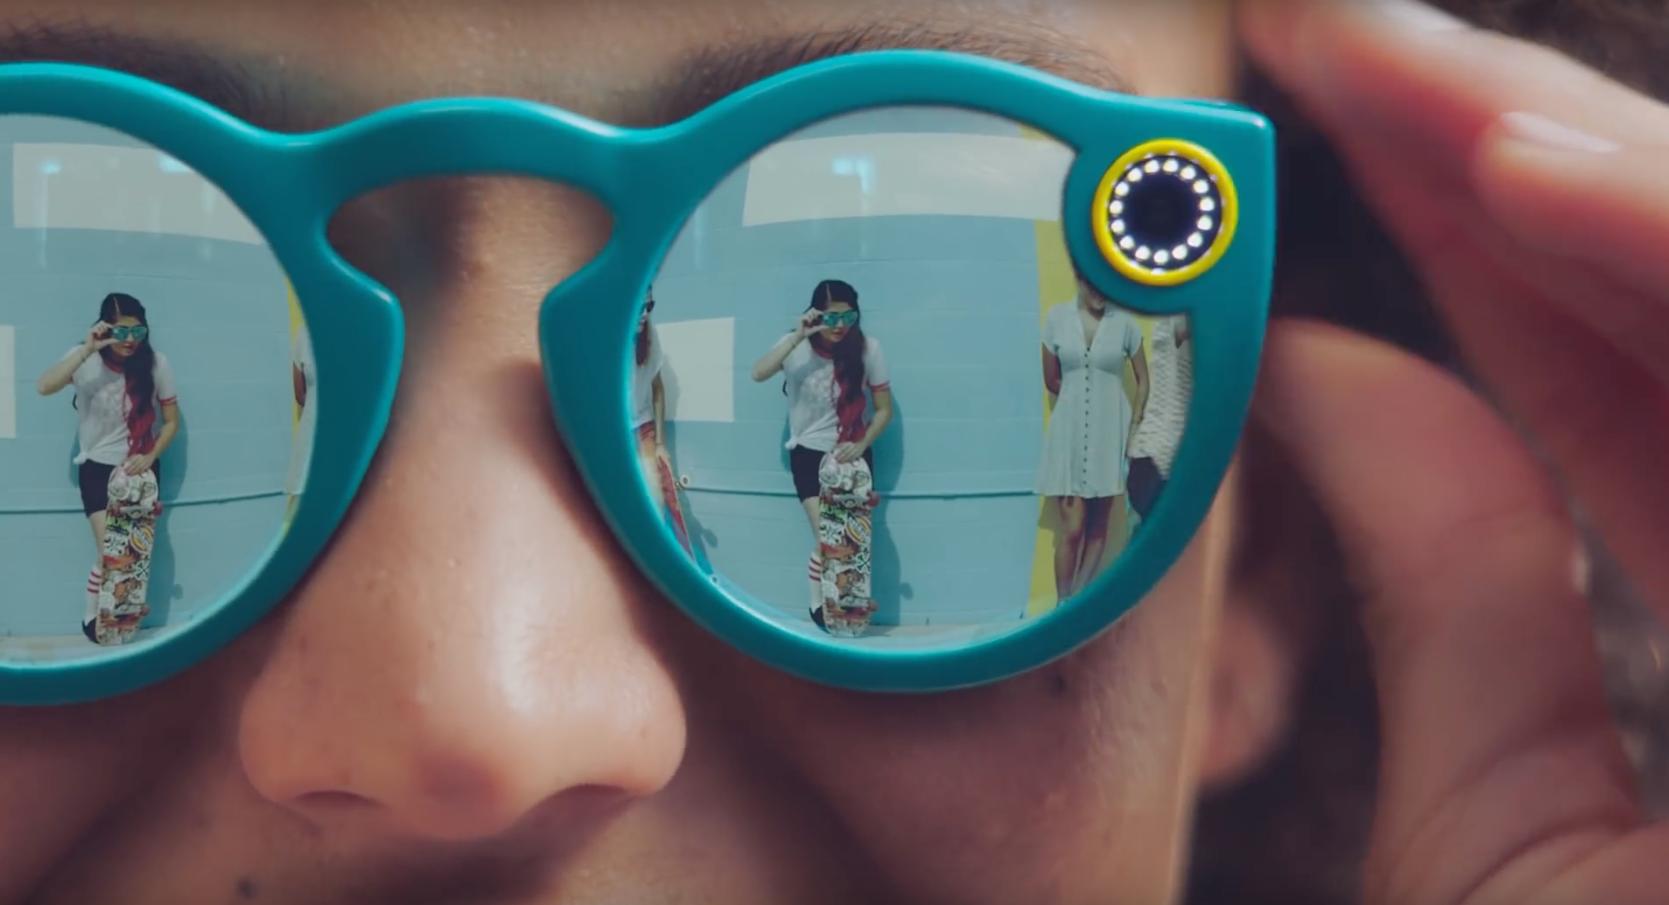 Photo of סגנון חדש: האפליקציה שיוצאת מגבולות הסמארטפון ומתלבשת לכם על העיניים